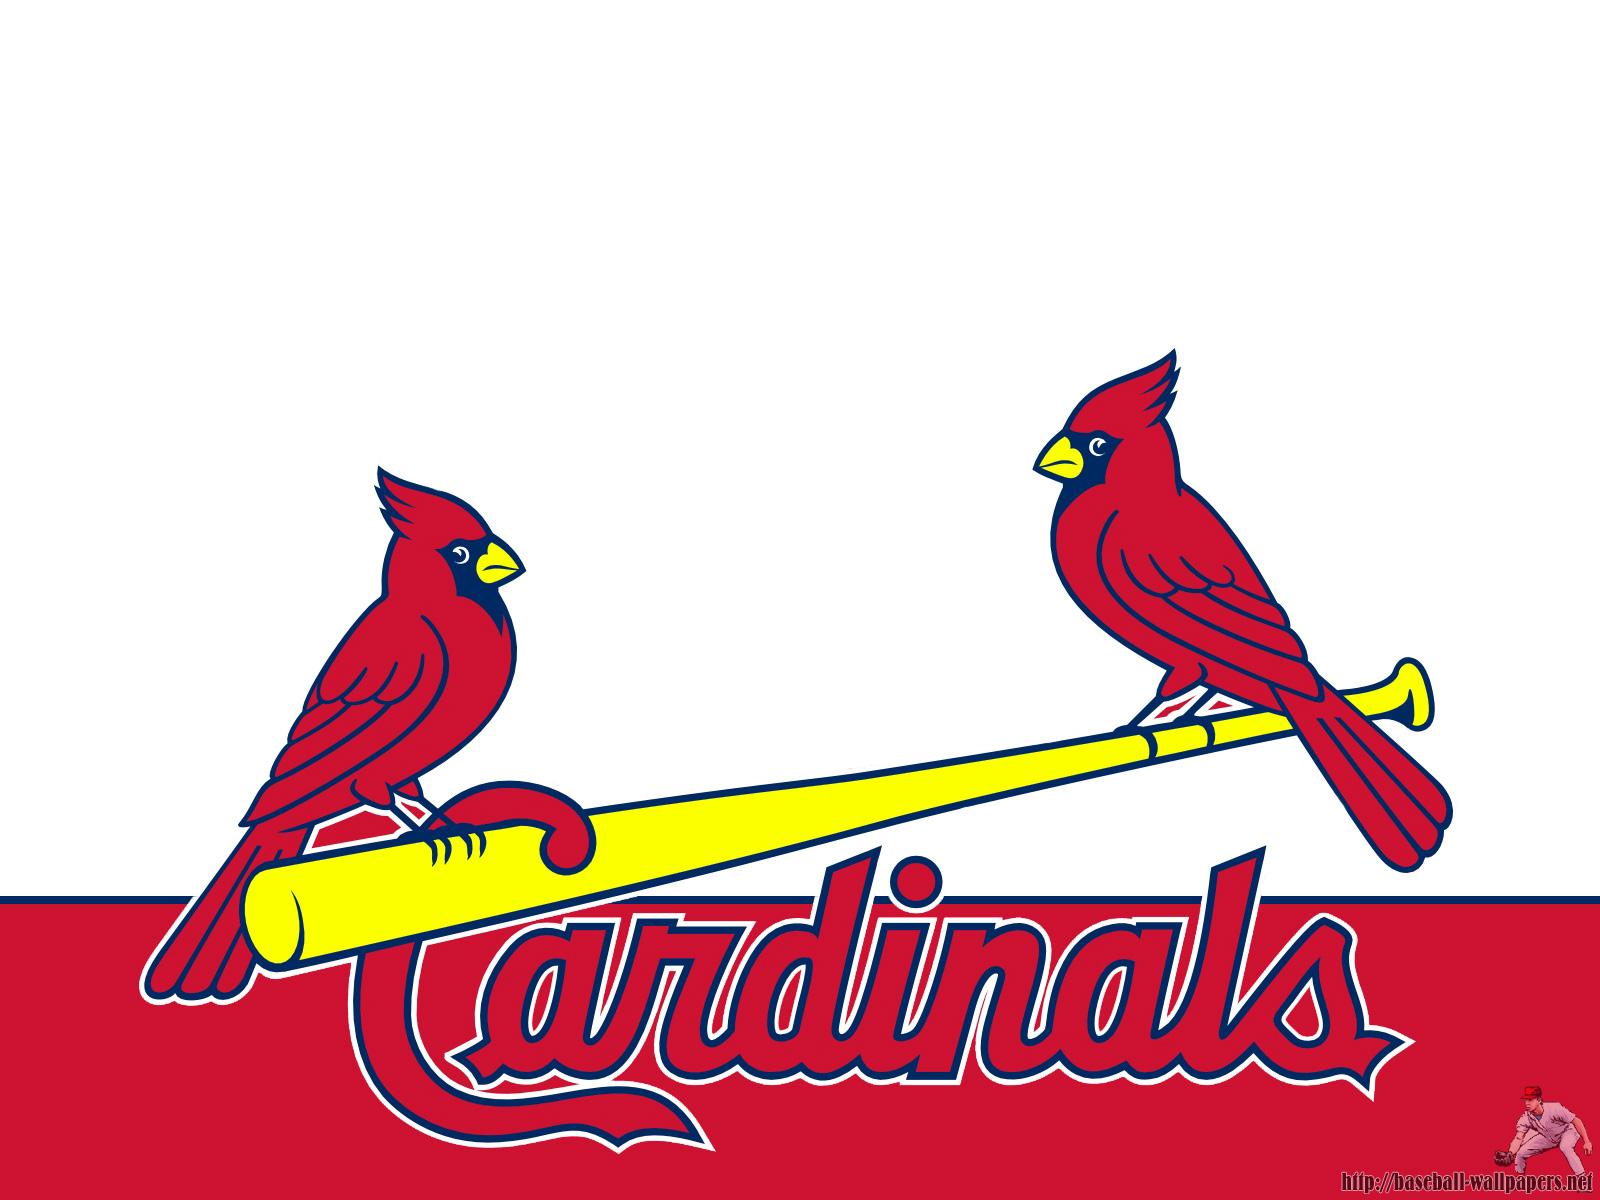 st louis cardinals logo wallpaper – 1600 x 1200 pixels – 288 kB